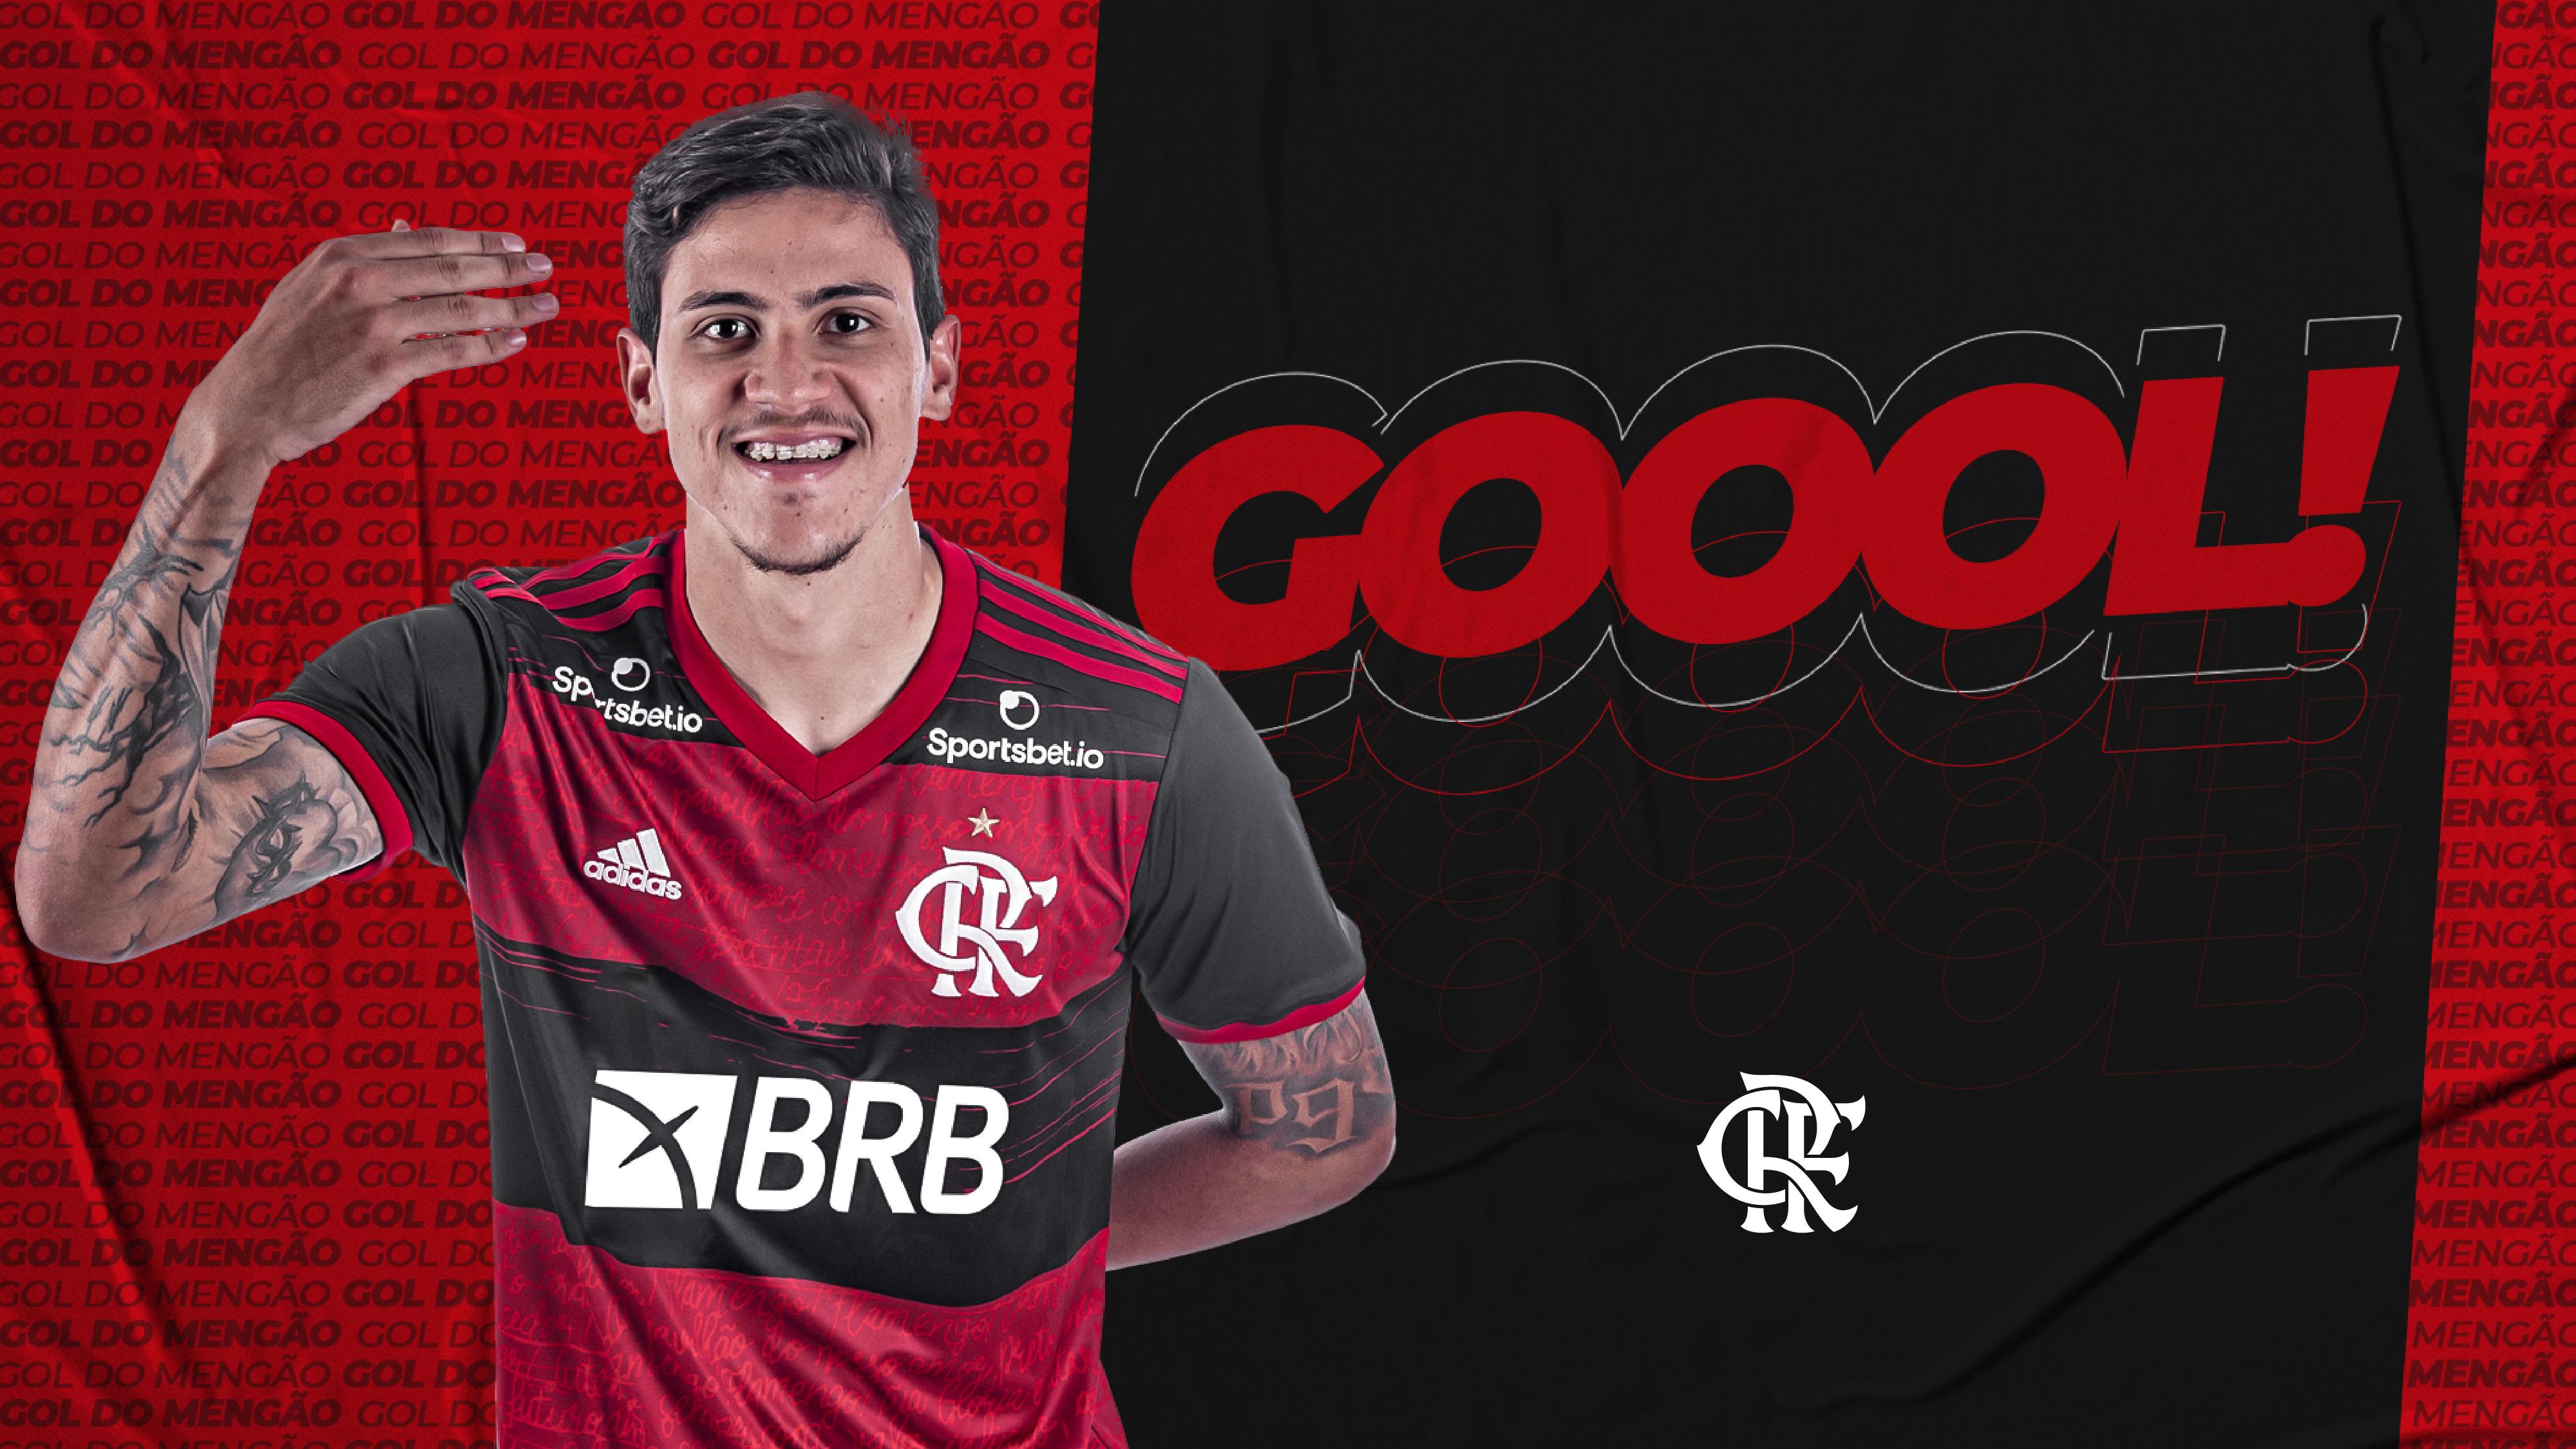 GOOOOOOOOOL! Pedro empata o jogo para o Mengão no Maracanã!